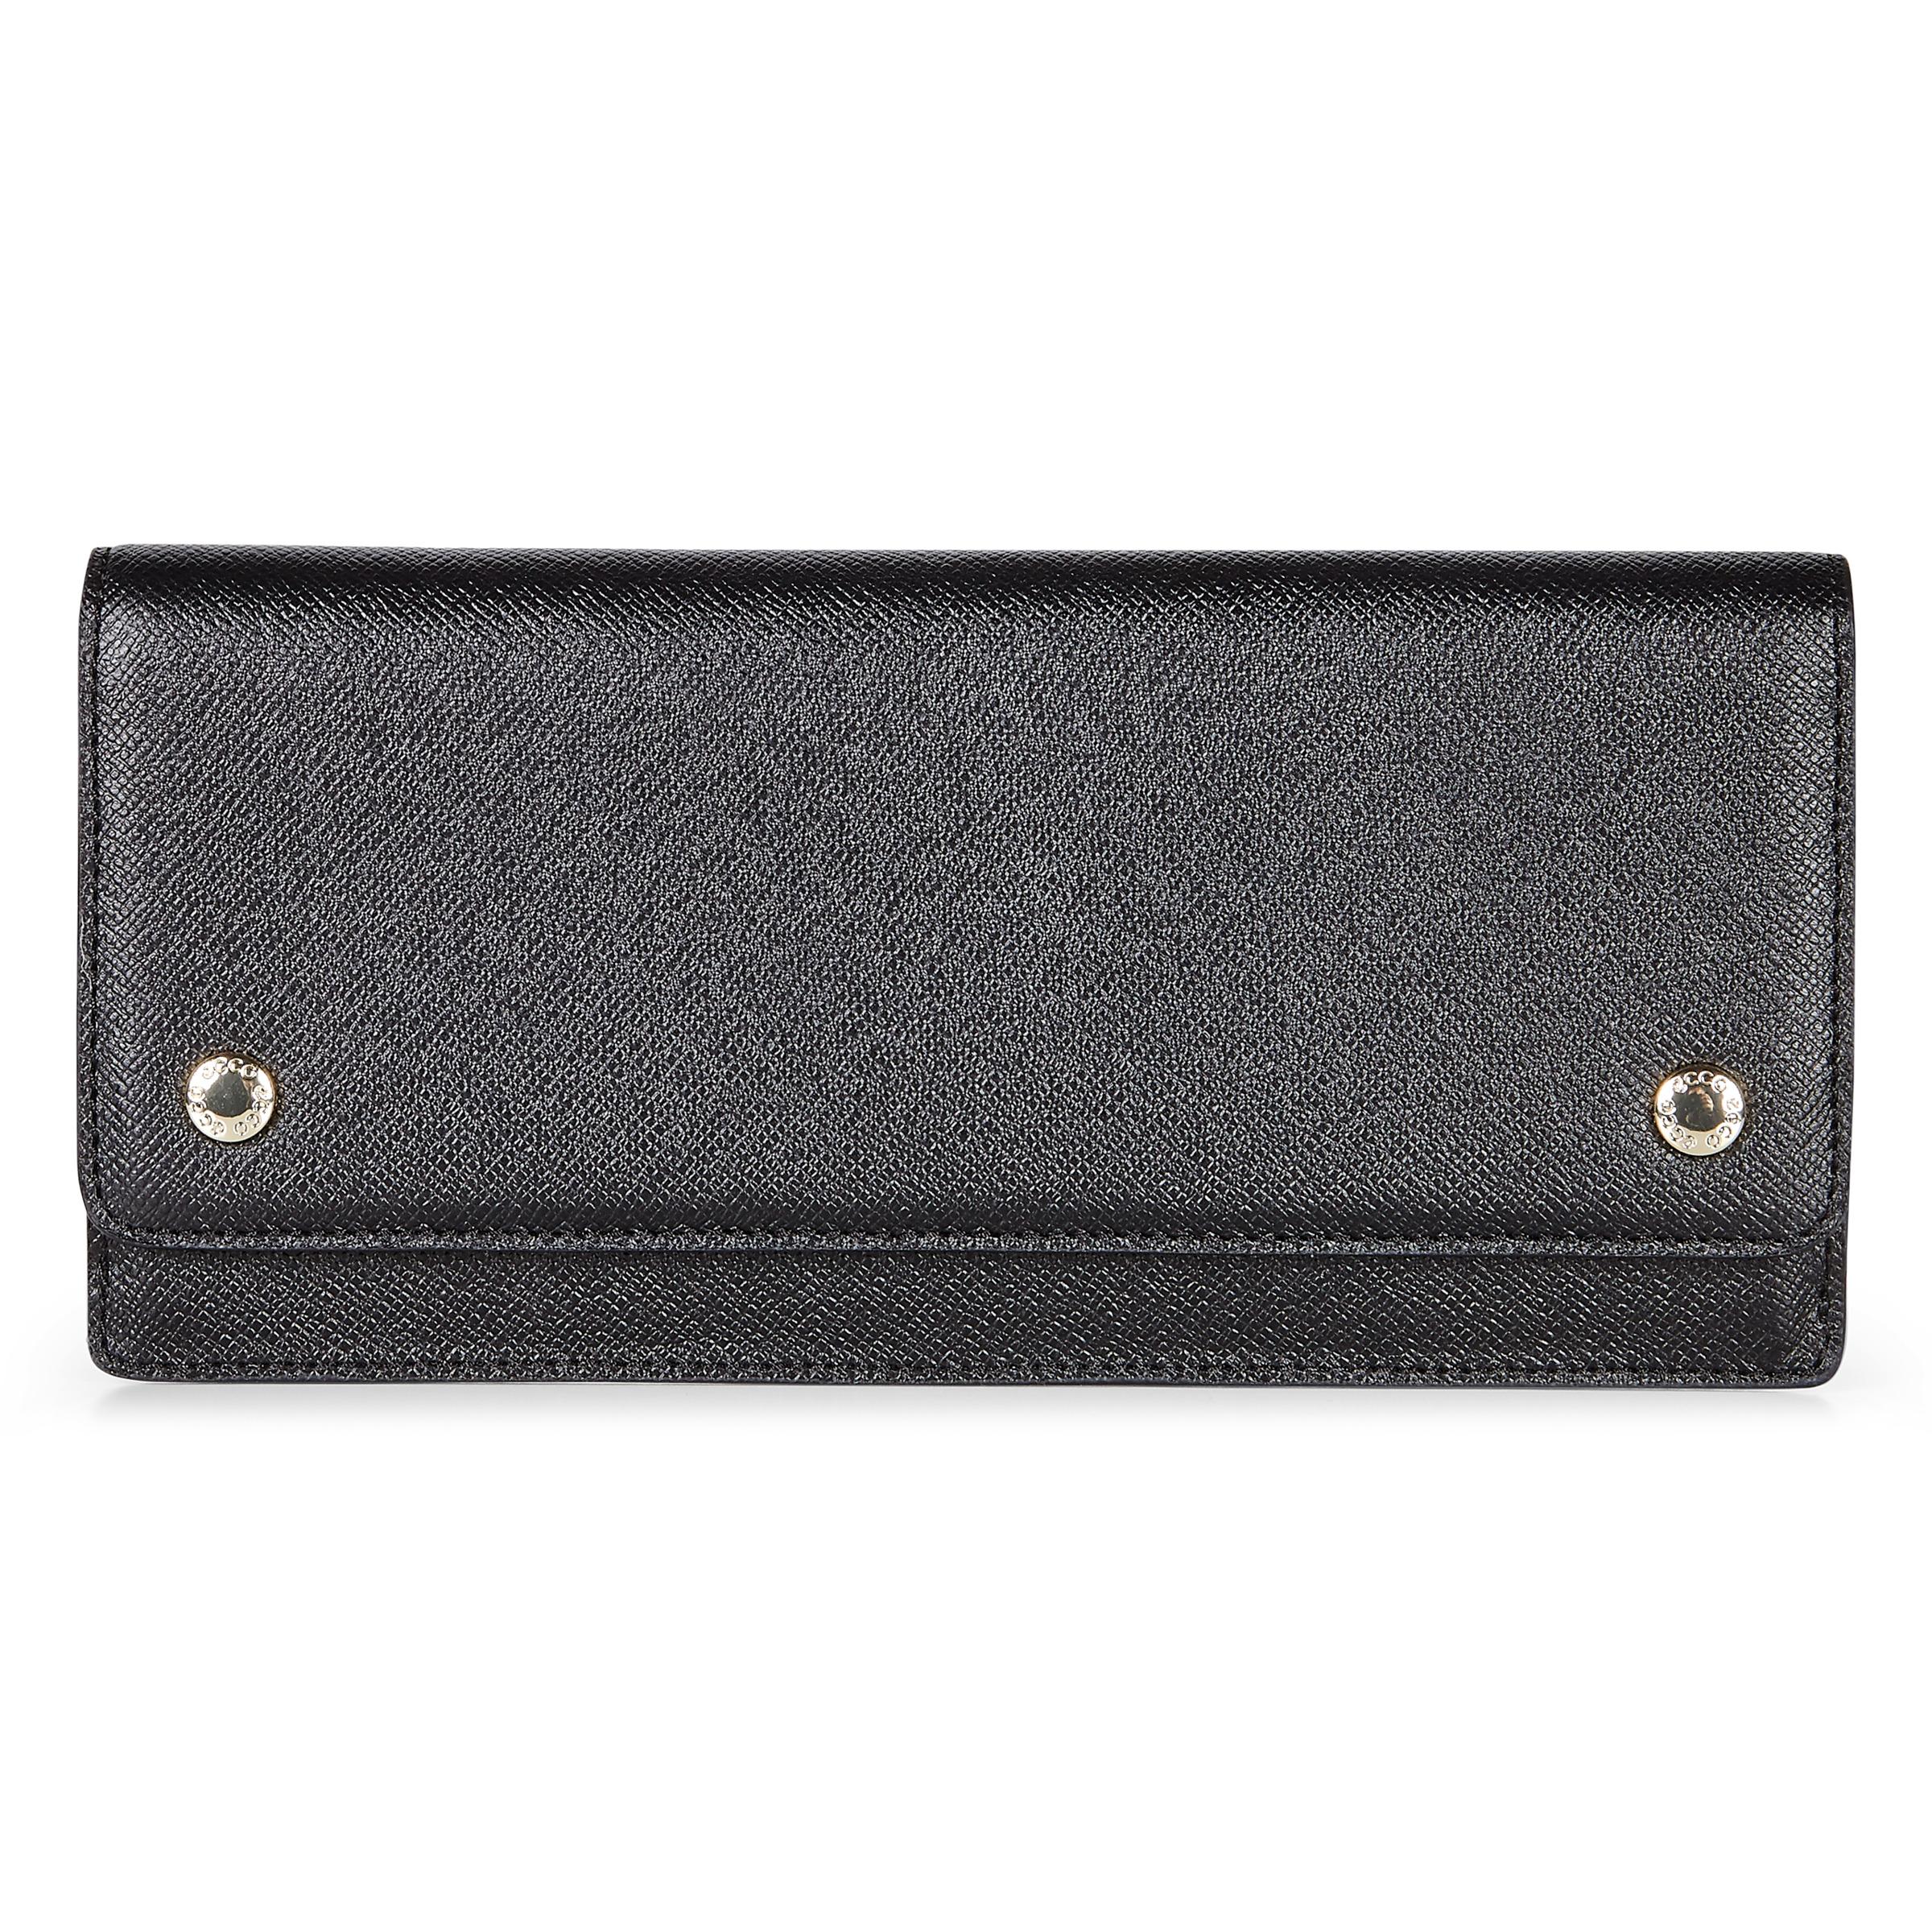 Image of ECCO Iola Slim Wallet